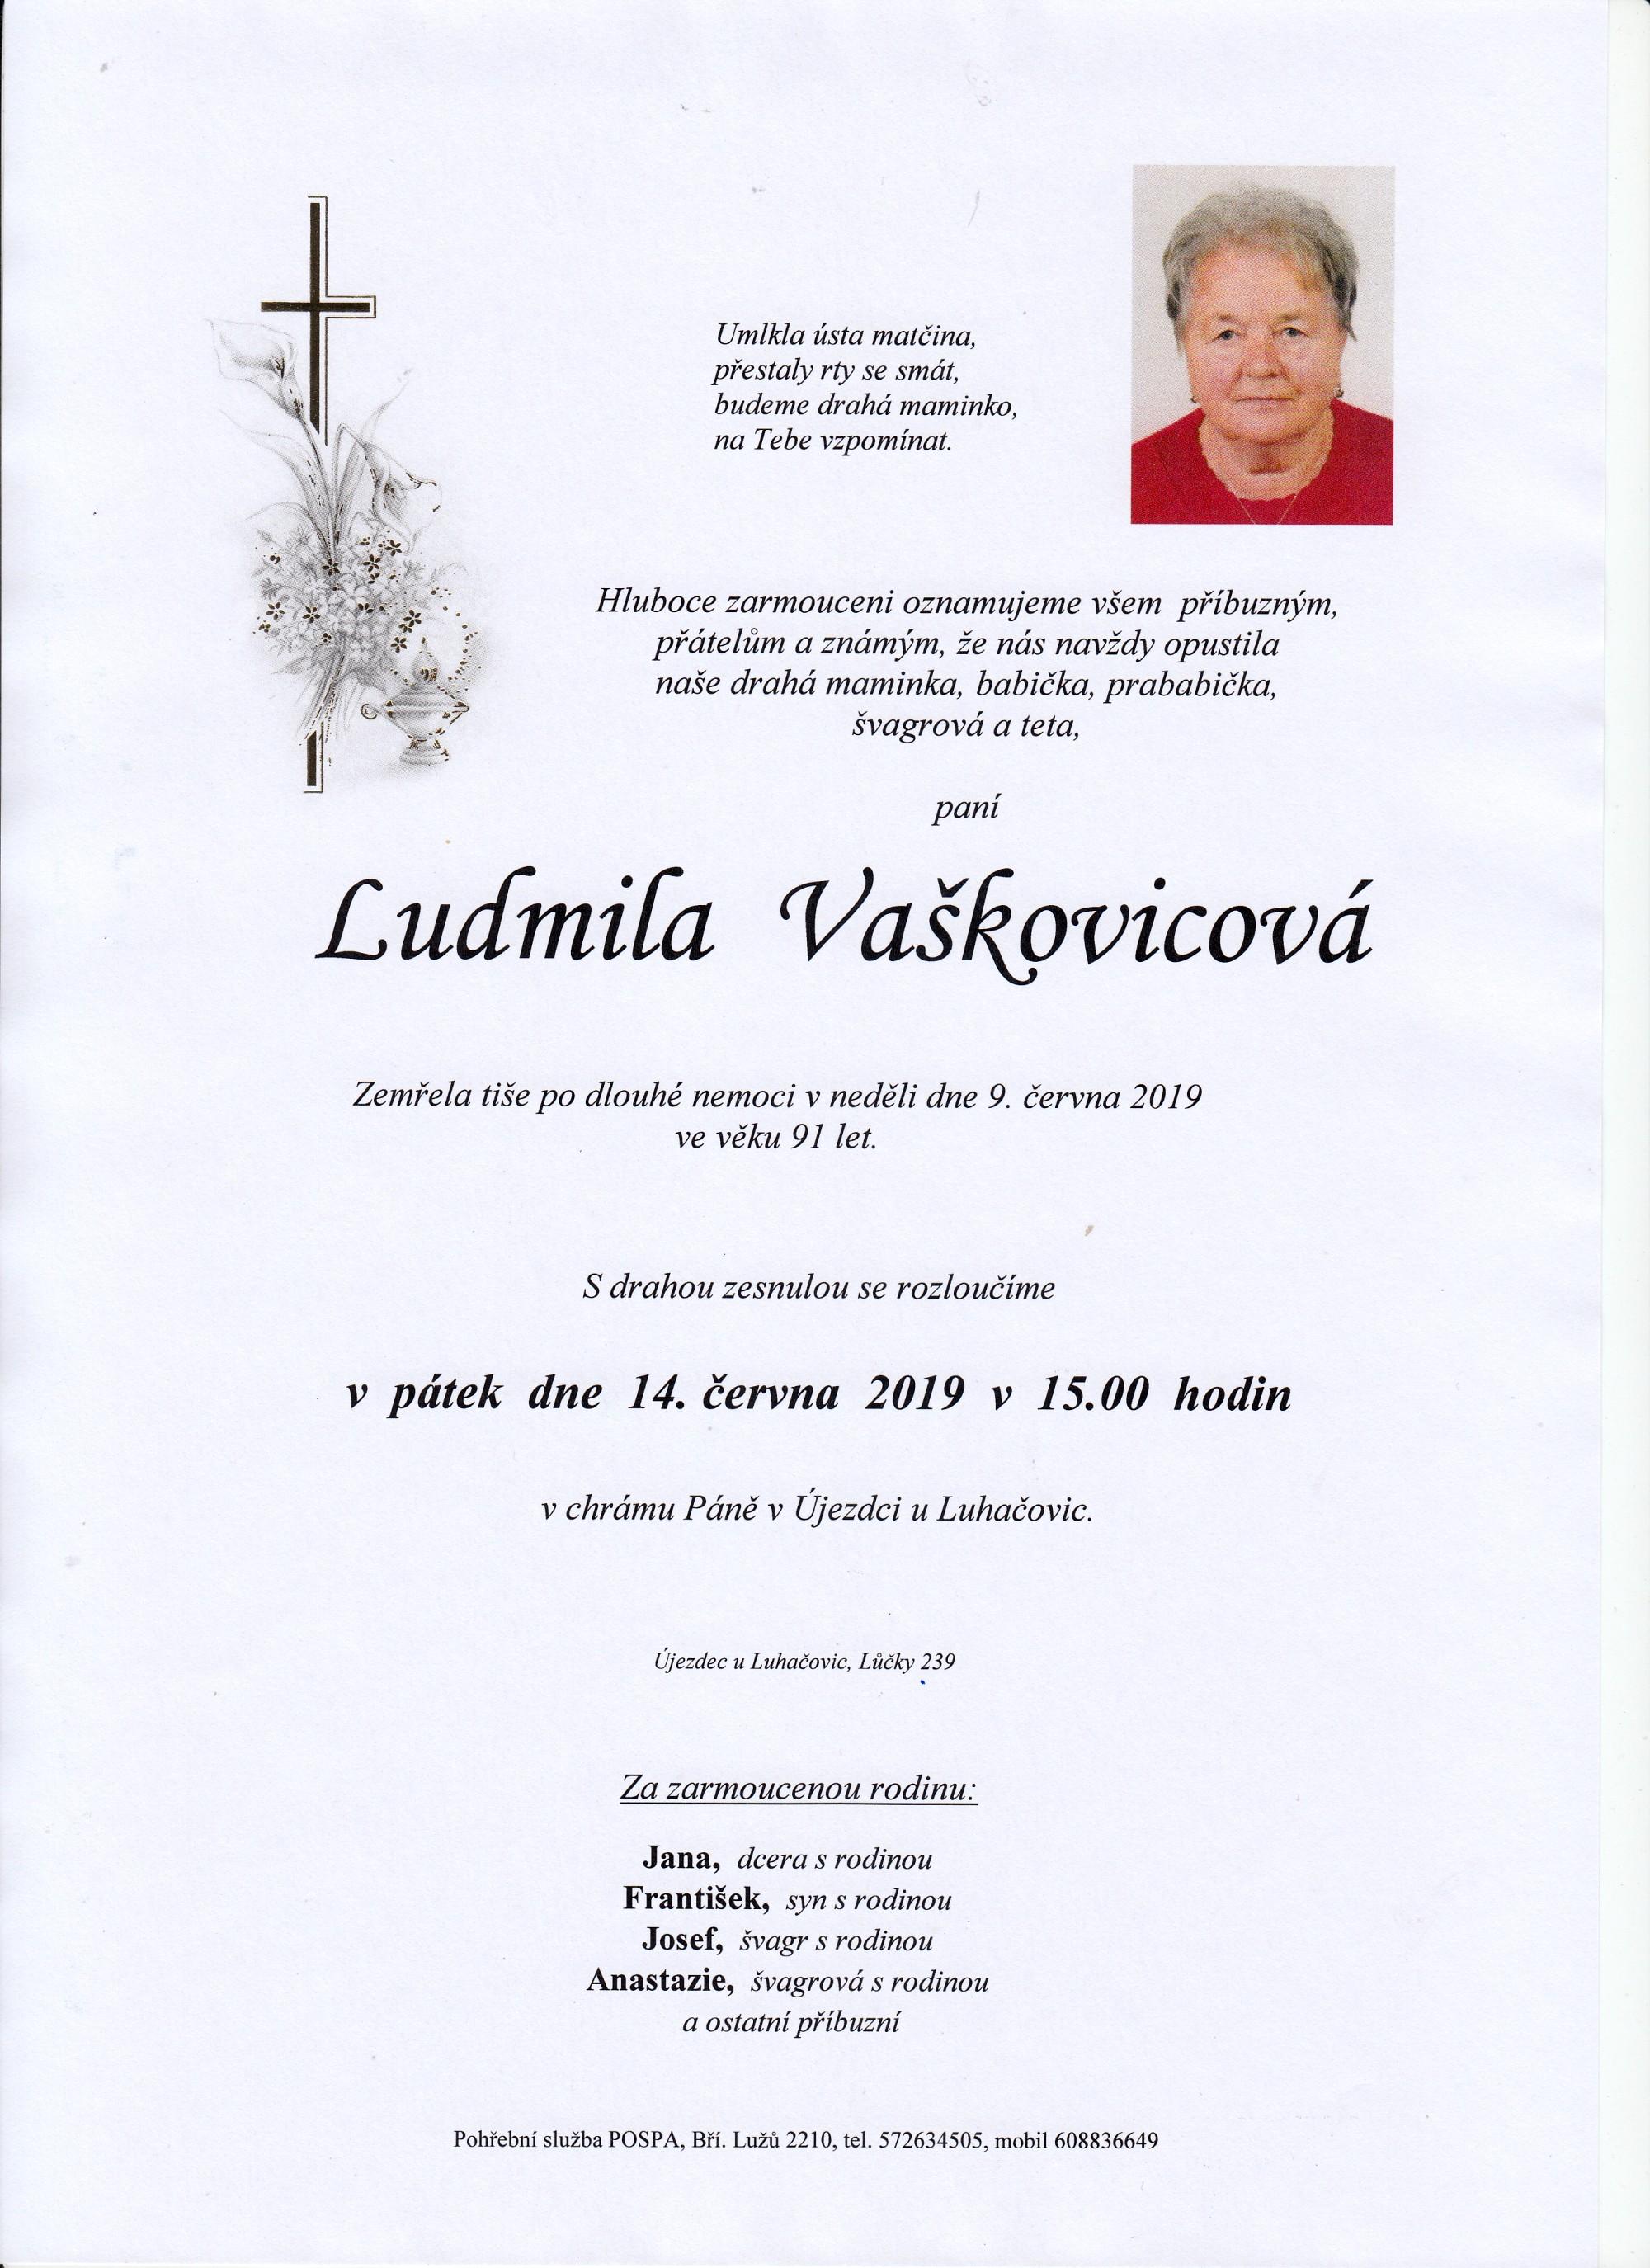 Ludmila Vaškovicová